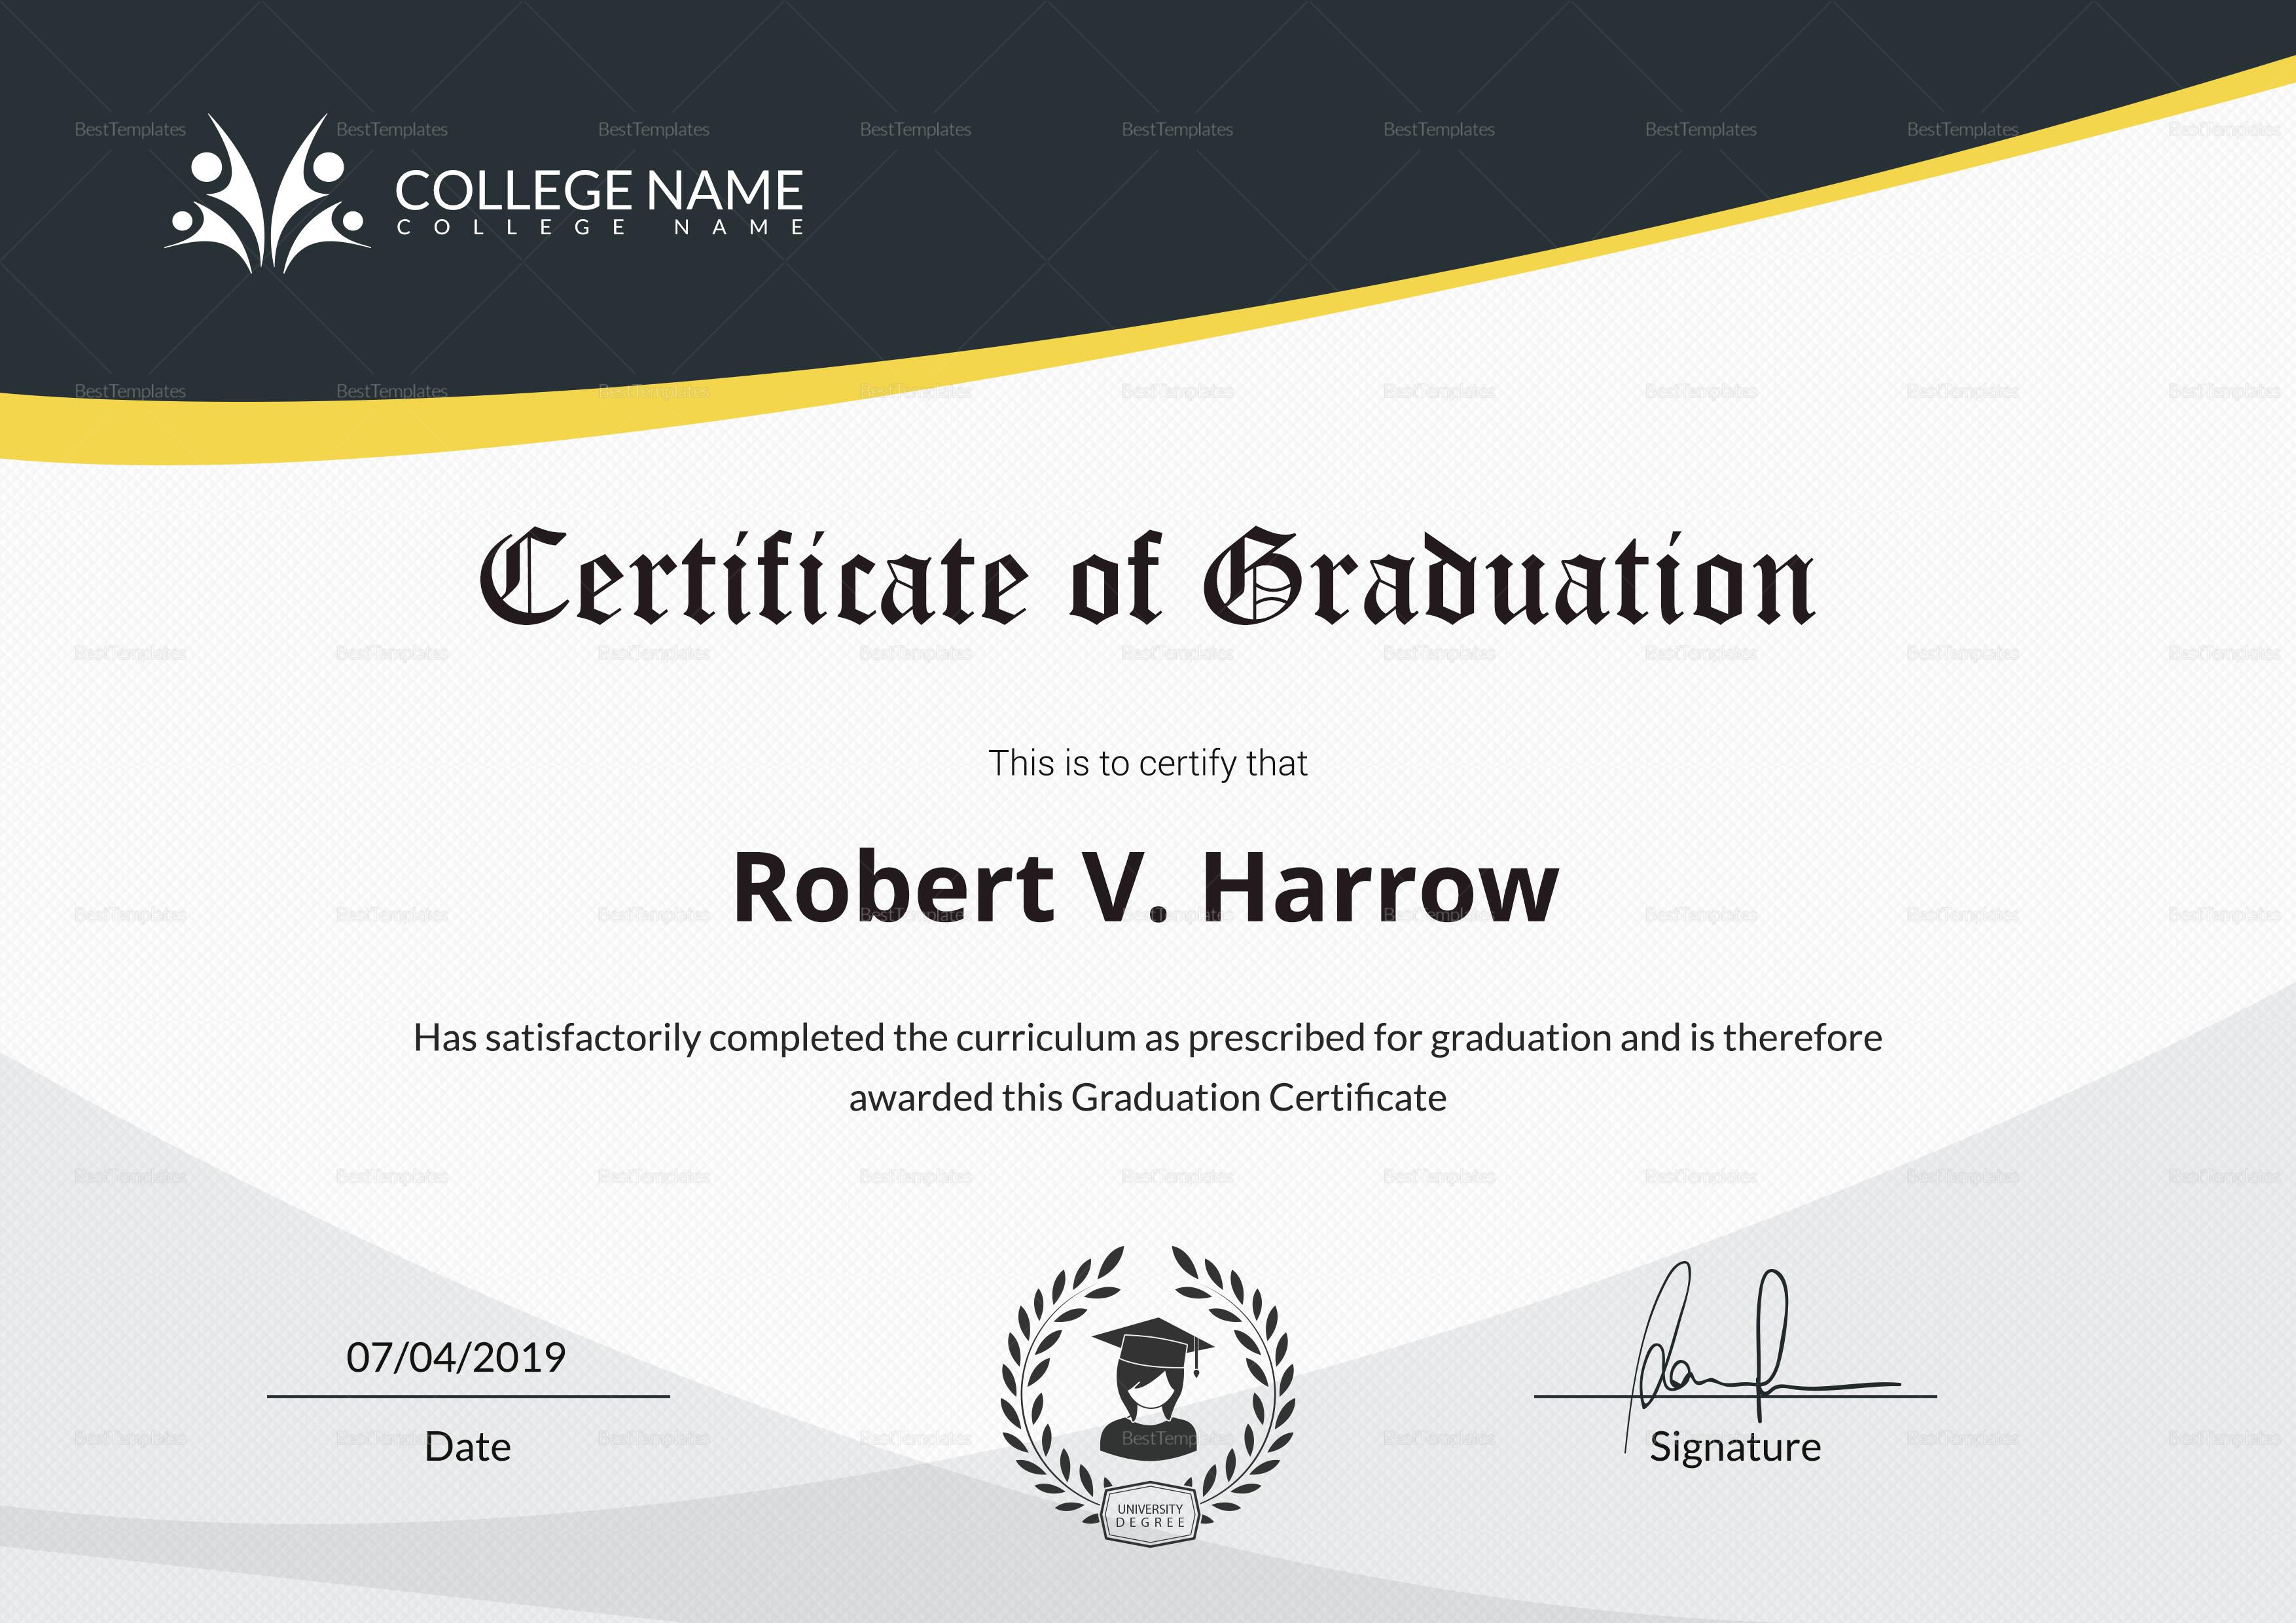 College Graduation Certificate Template 2